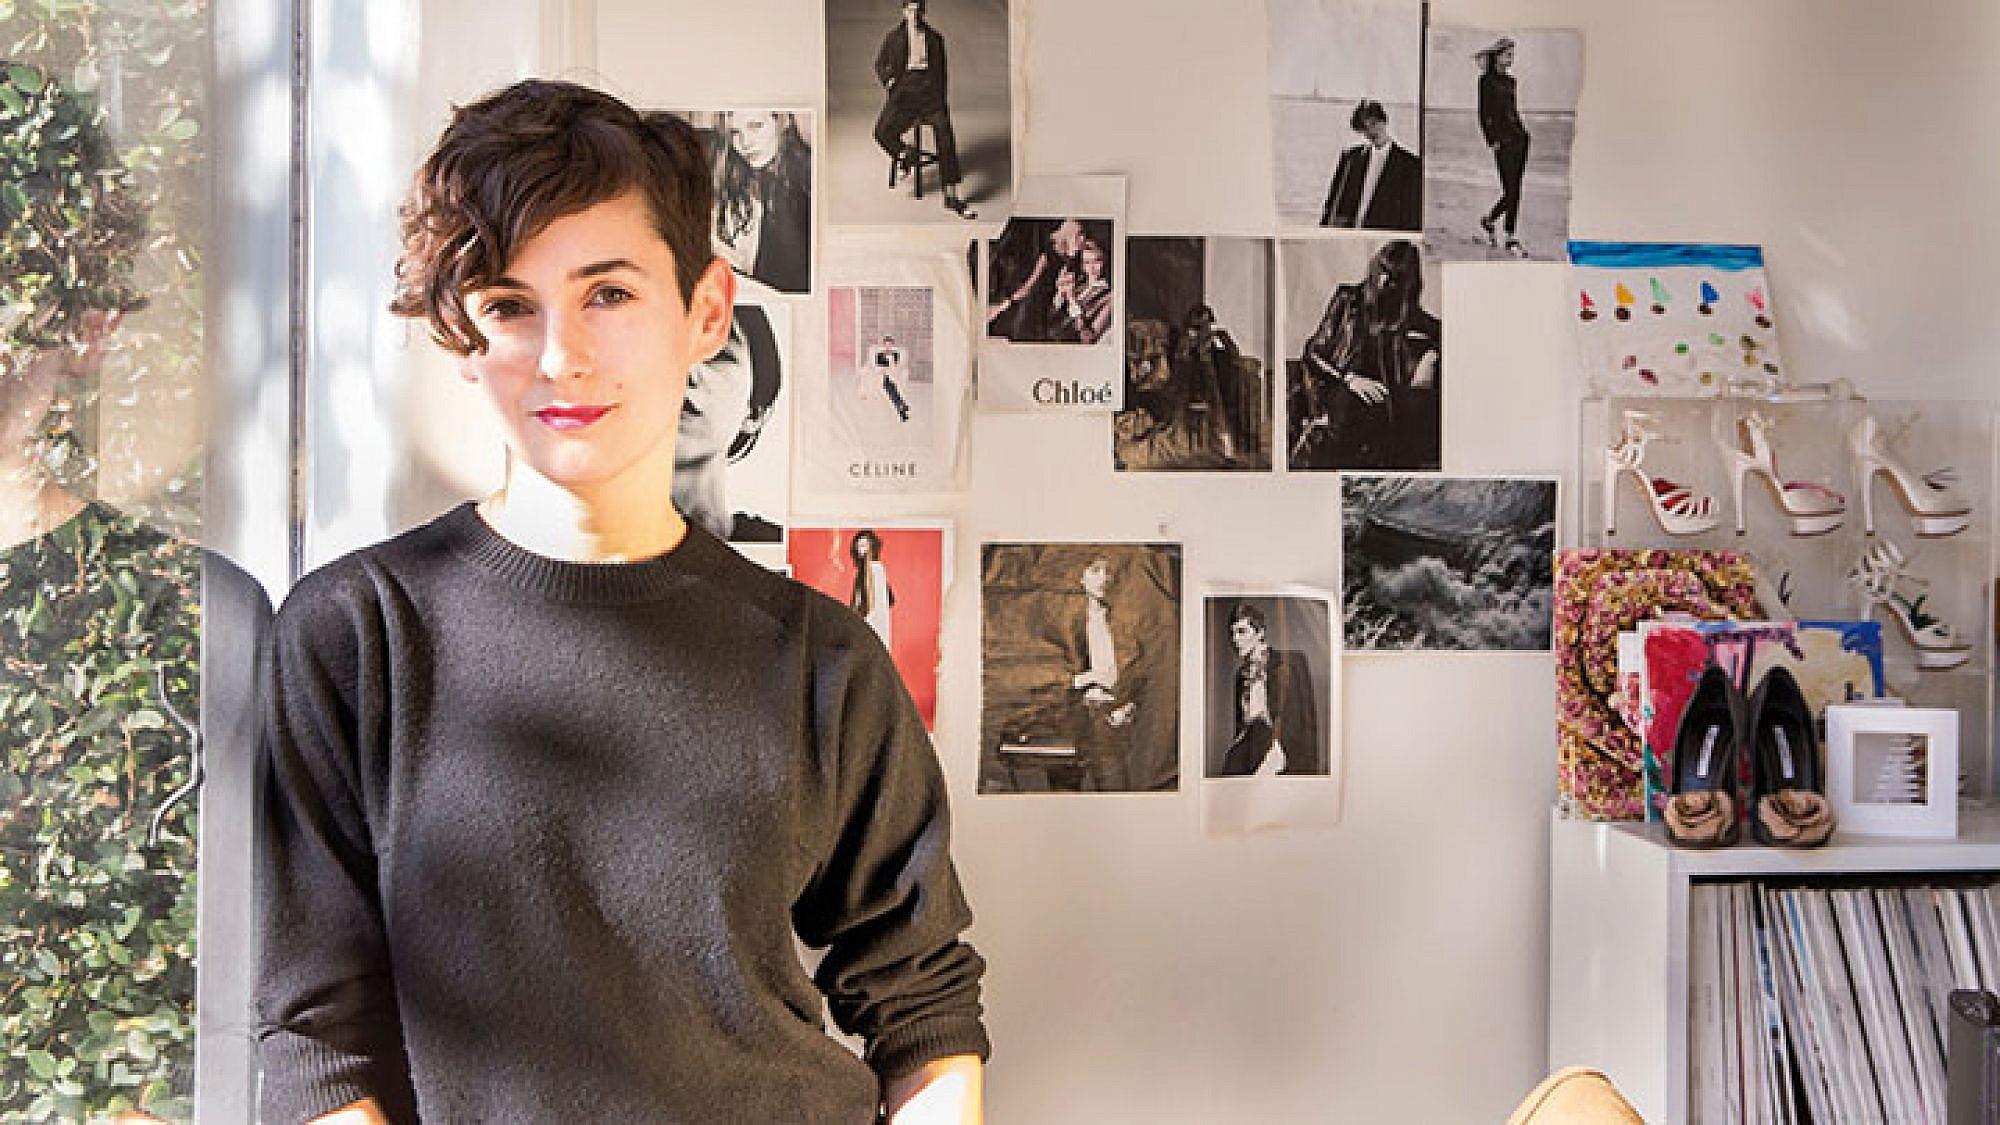 קרלה וולש בסטודיו שלה | צילום: ניב אושן שנק